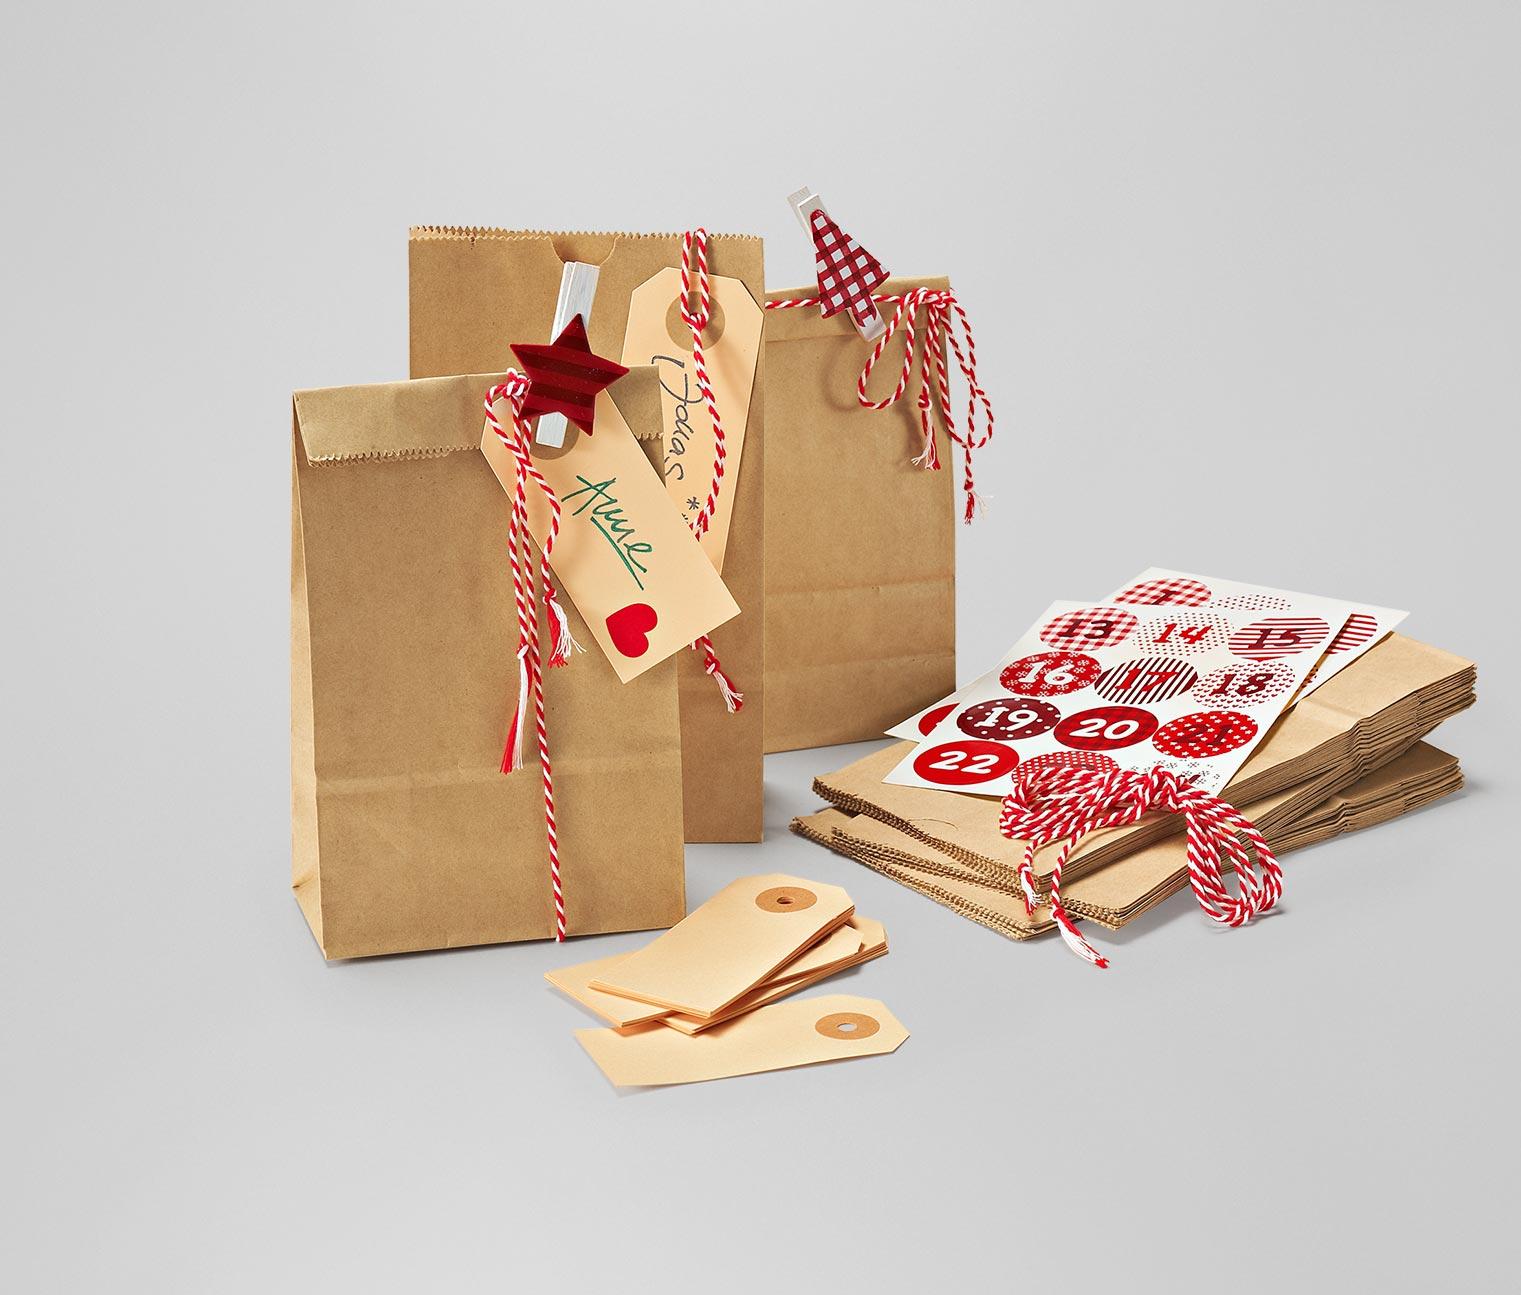 Bastelset adventskalender von tchibo adventskalender und weihnachten wir freuen uns darauf - Bastelset weihnachten ...